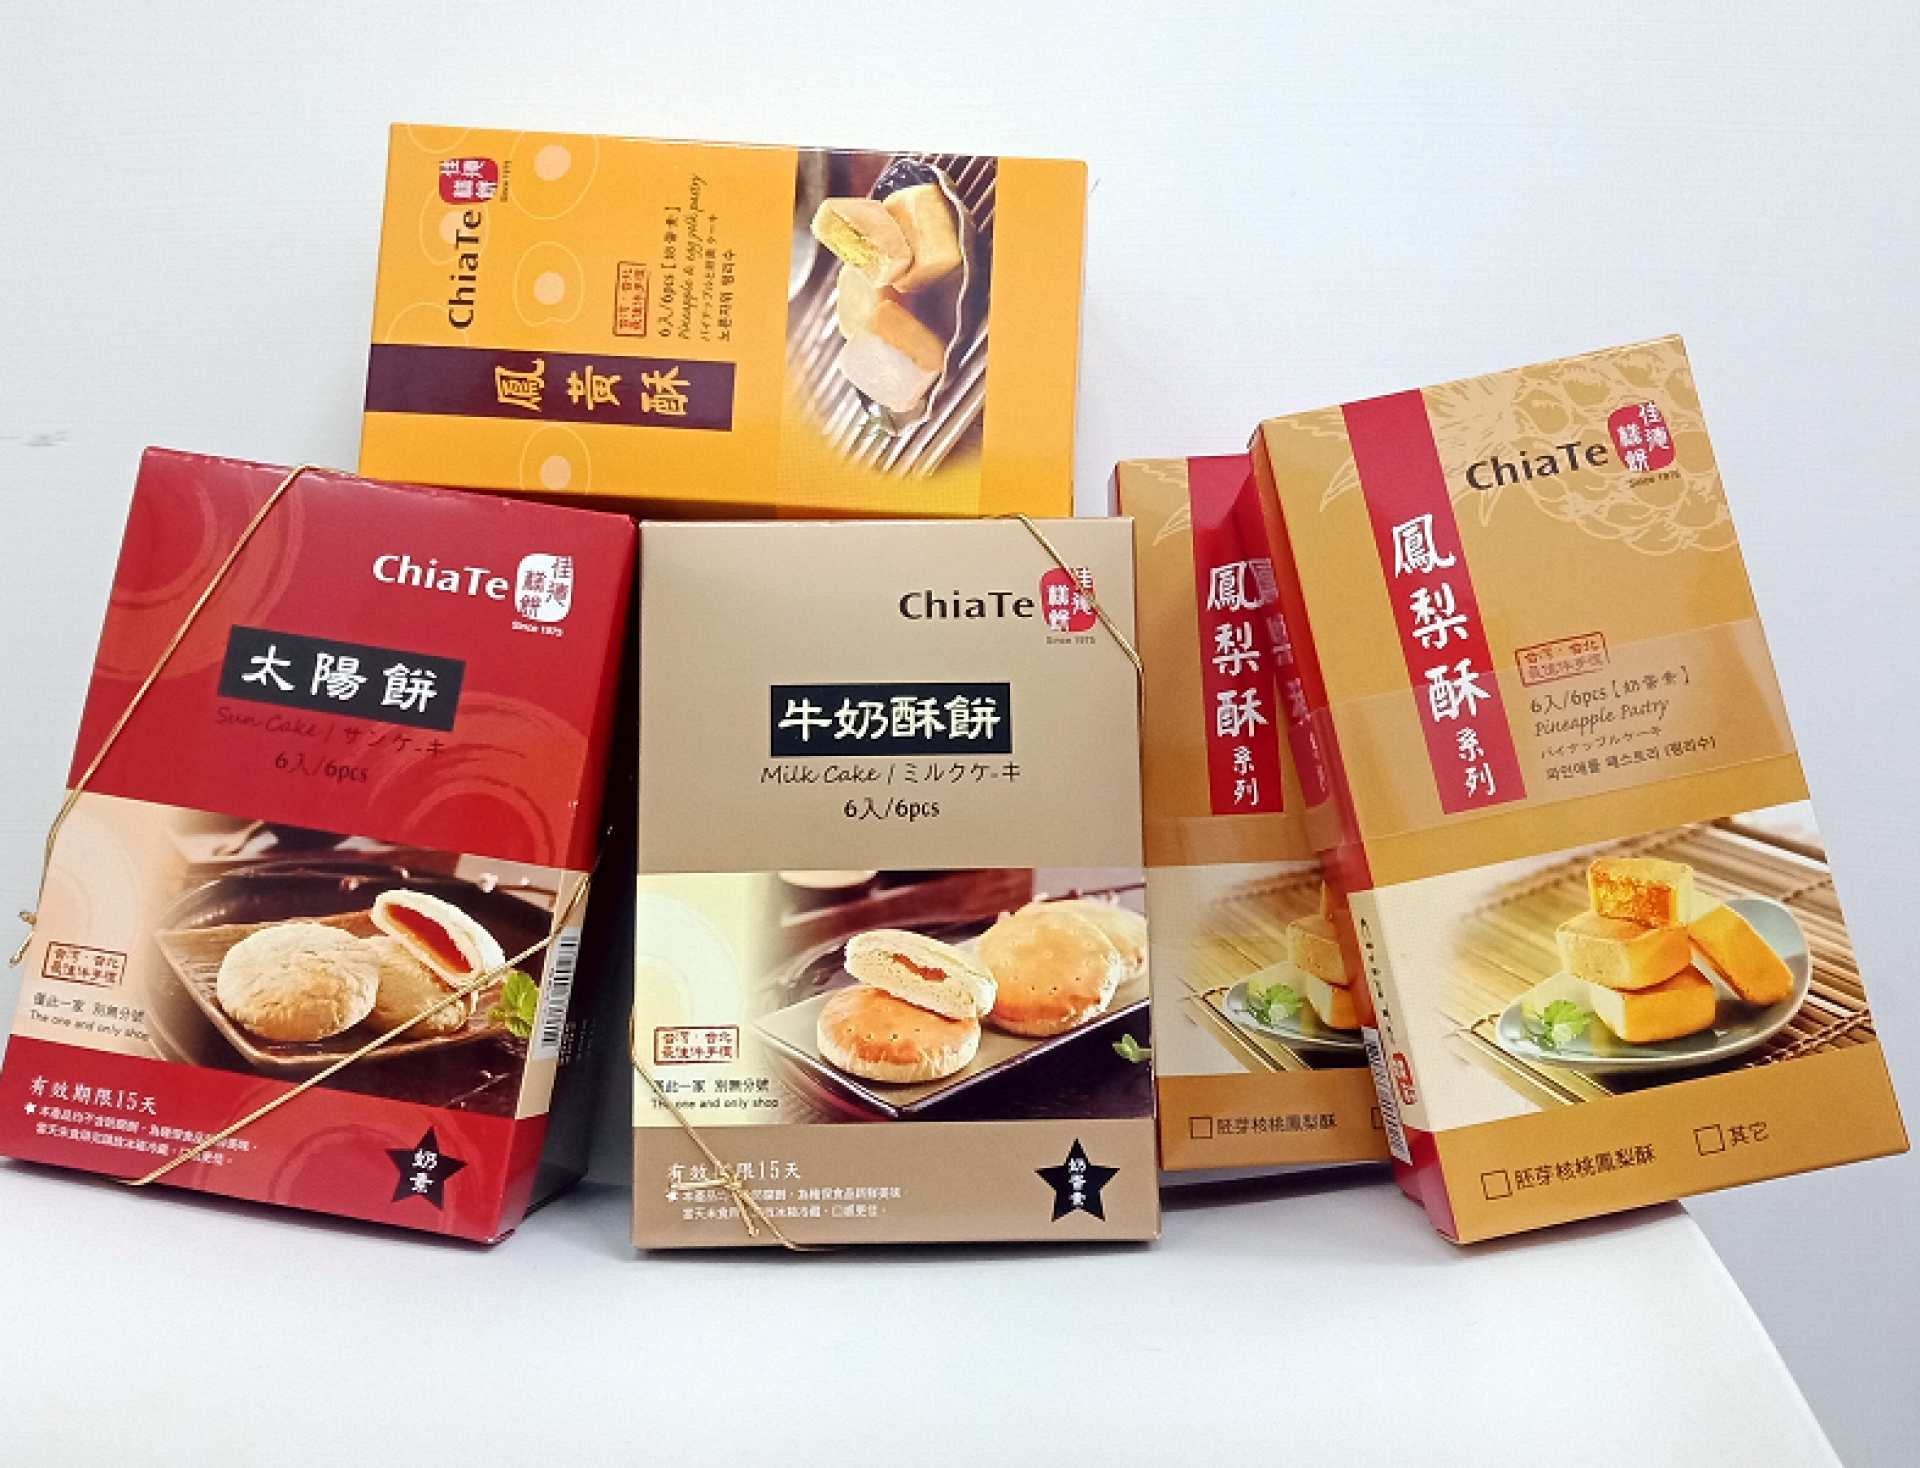 おうちで台湾 | 佳德 卵黄入りパイナップルケーキ・クランベリーケーキ・太陽餅・ヌガー・組合せセット|送料込み